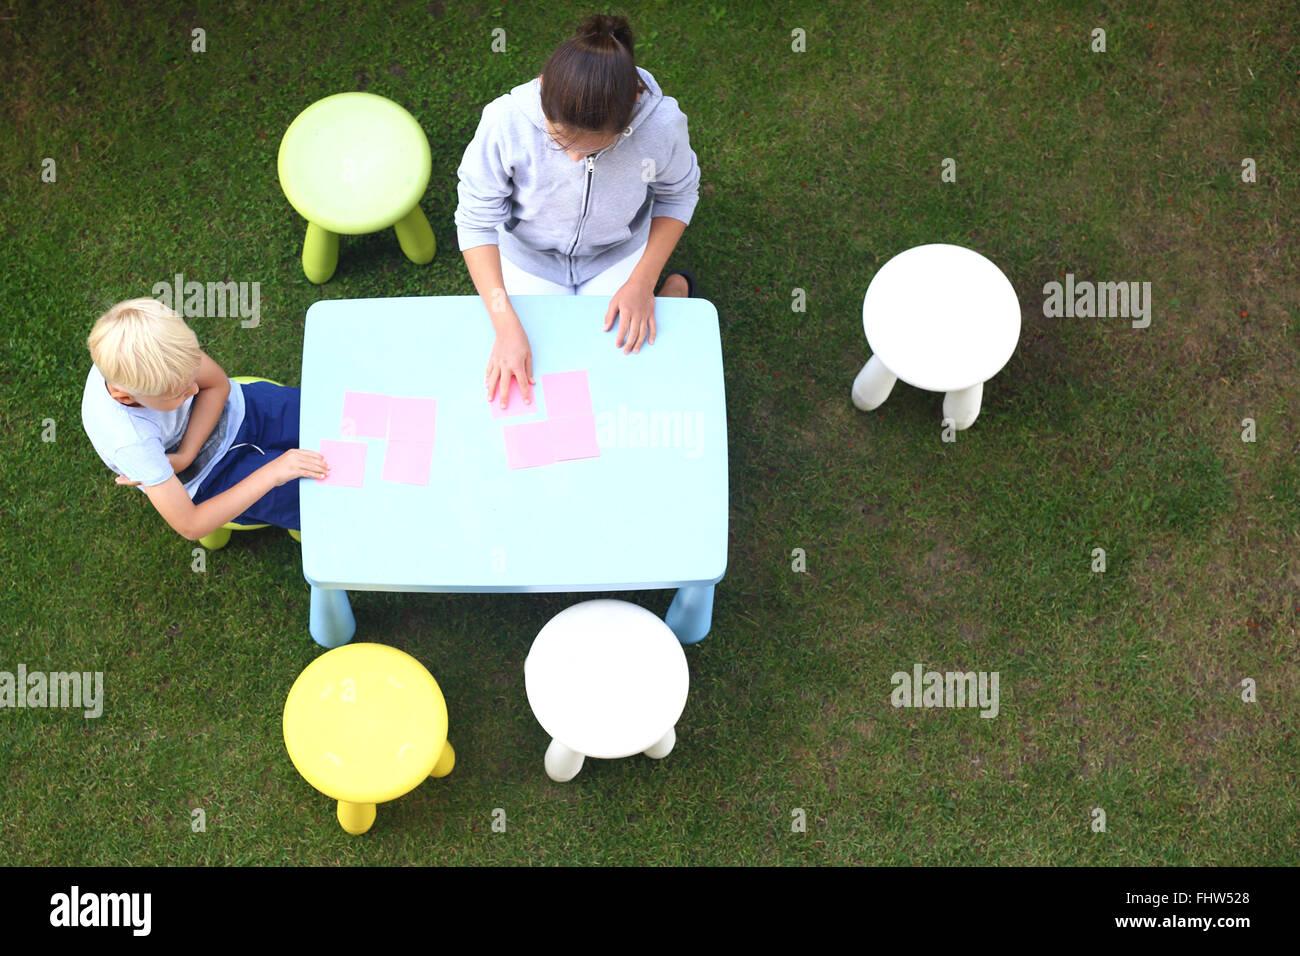 Divertidas actividades al aire libre. Diversión creativa manera de aburrimiento. Los niños juegan en el Imagen De Stock